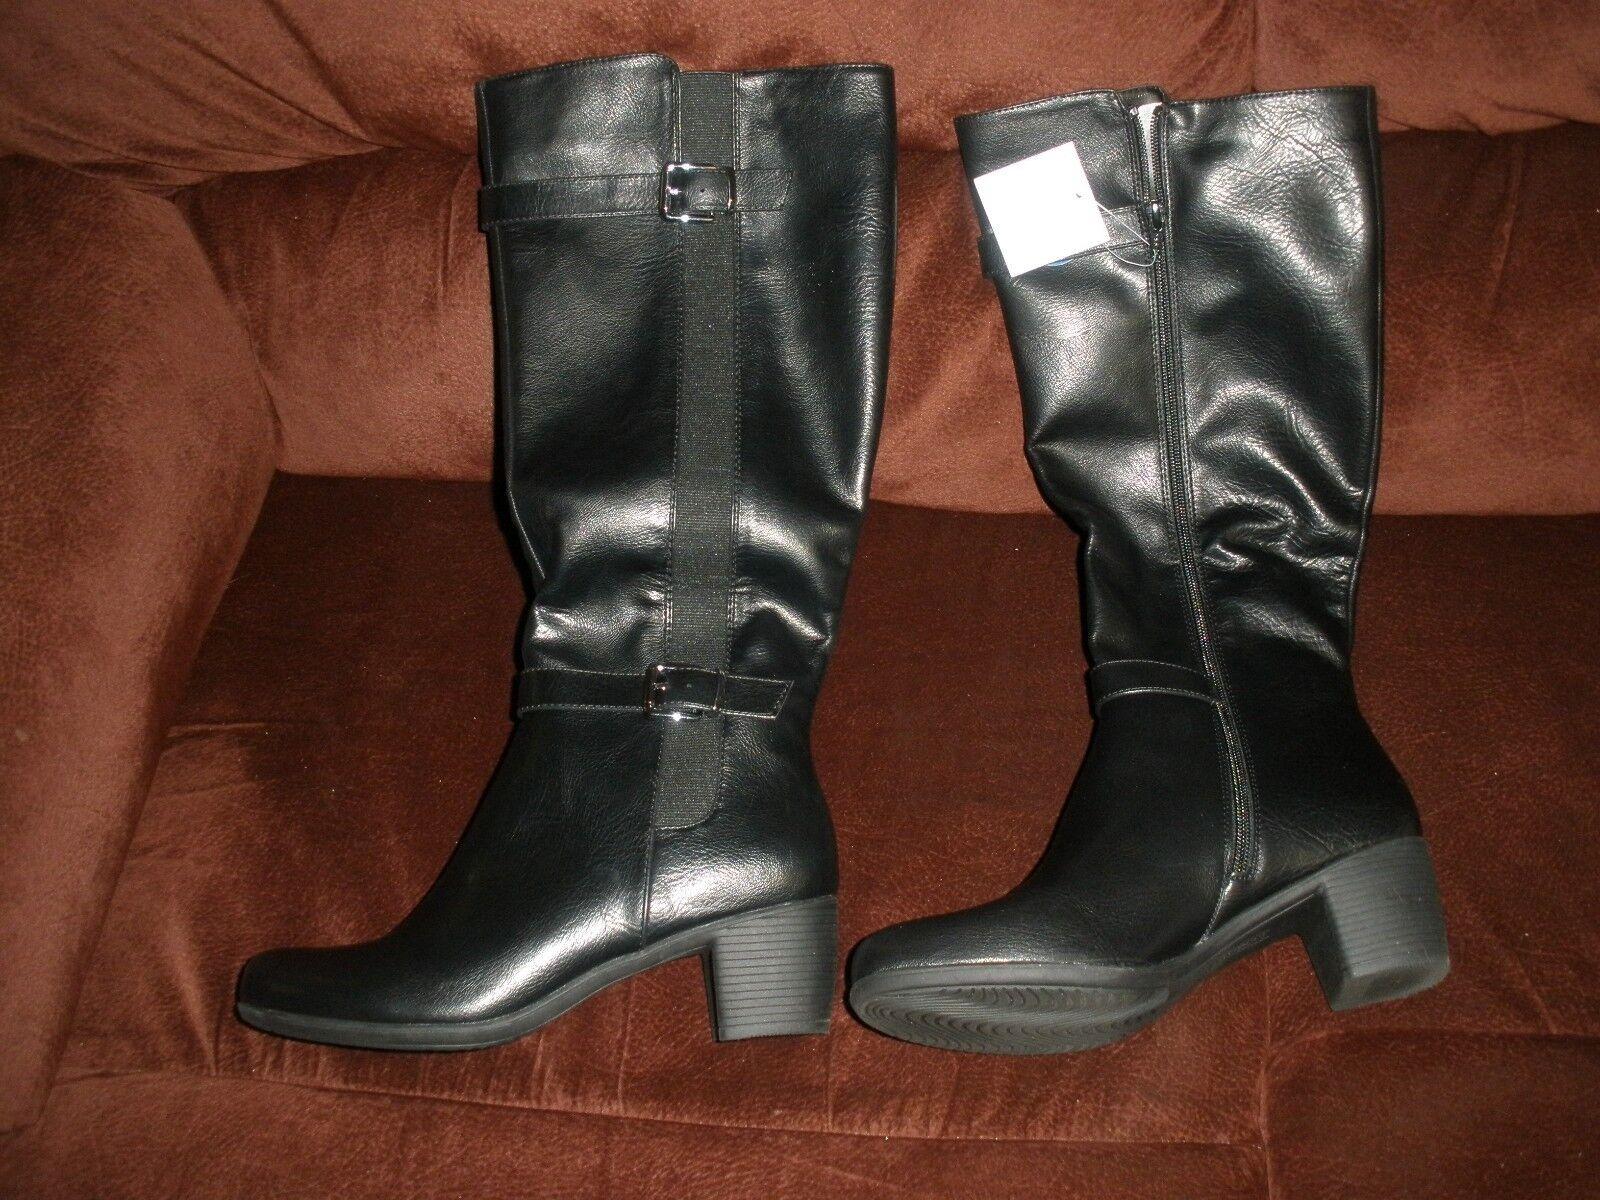 Croft & Barrow Nueva para mujer botas Negro cbbev  Con Caja